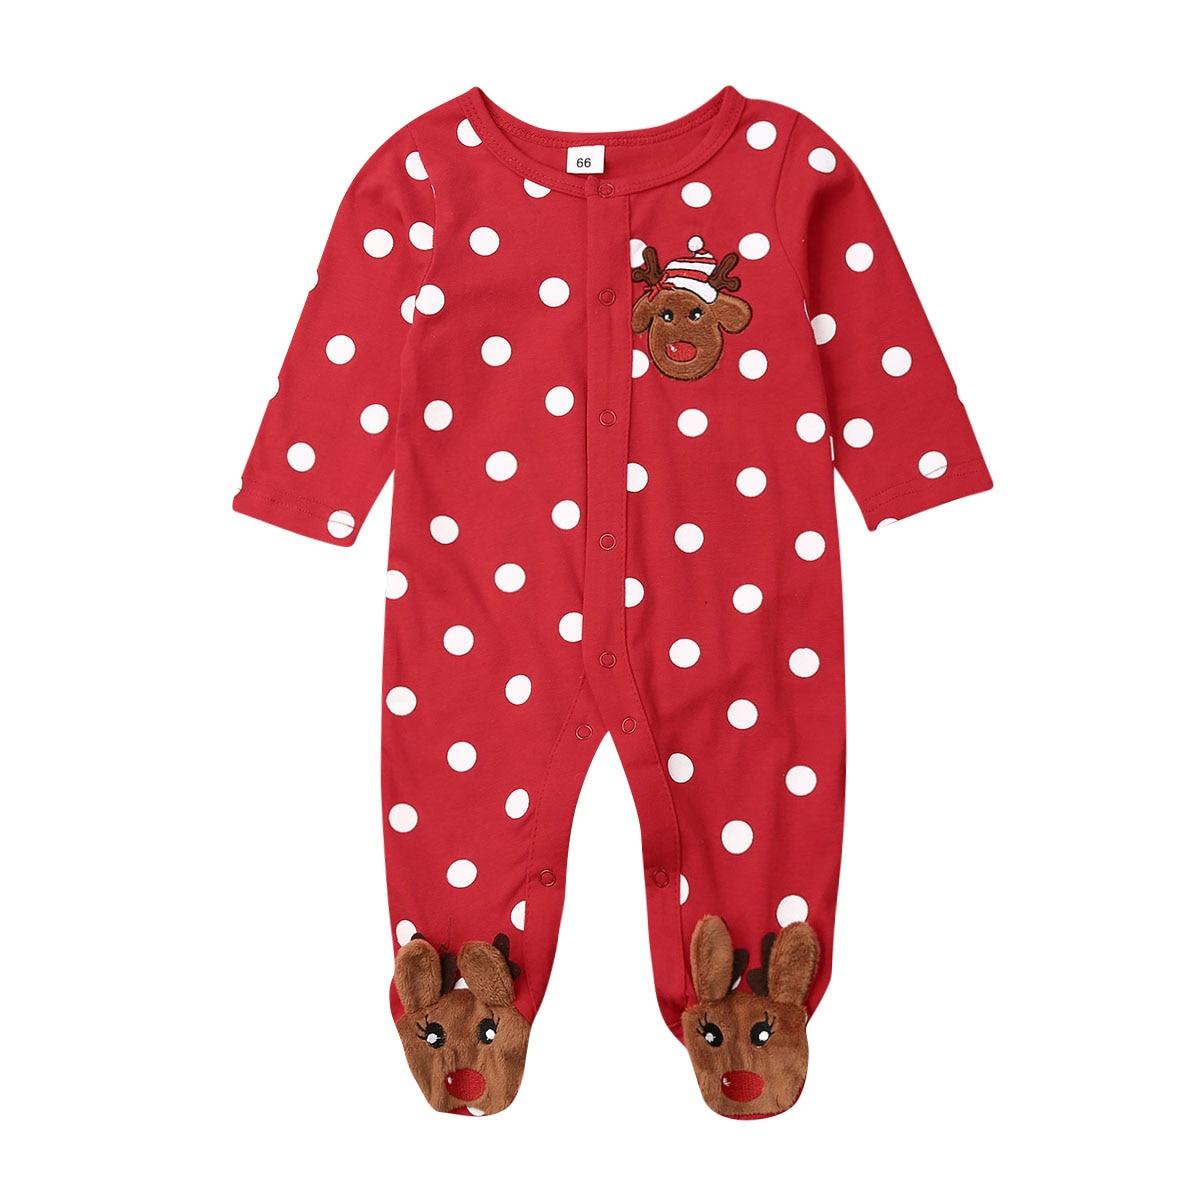 Weihnachten Baby Junge Mädchen Kleidung Romper Kleidung Kinder Weihnachten Kostüm 0-18 Monate